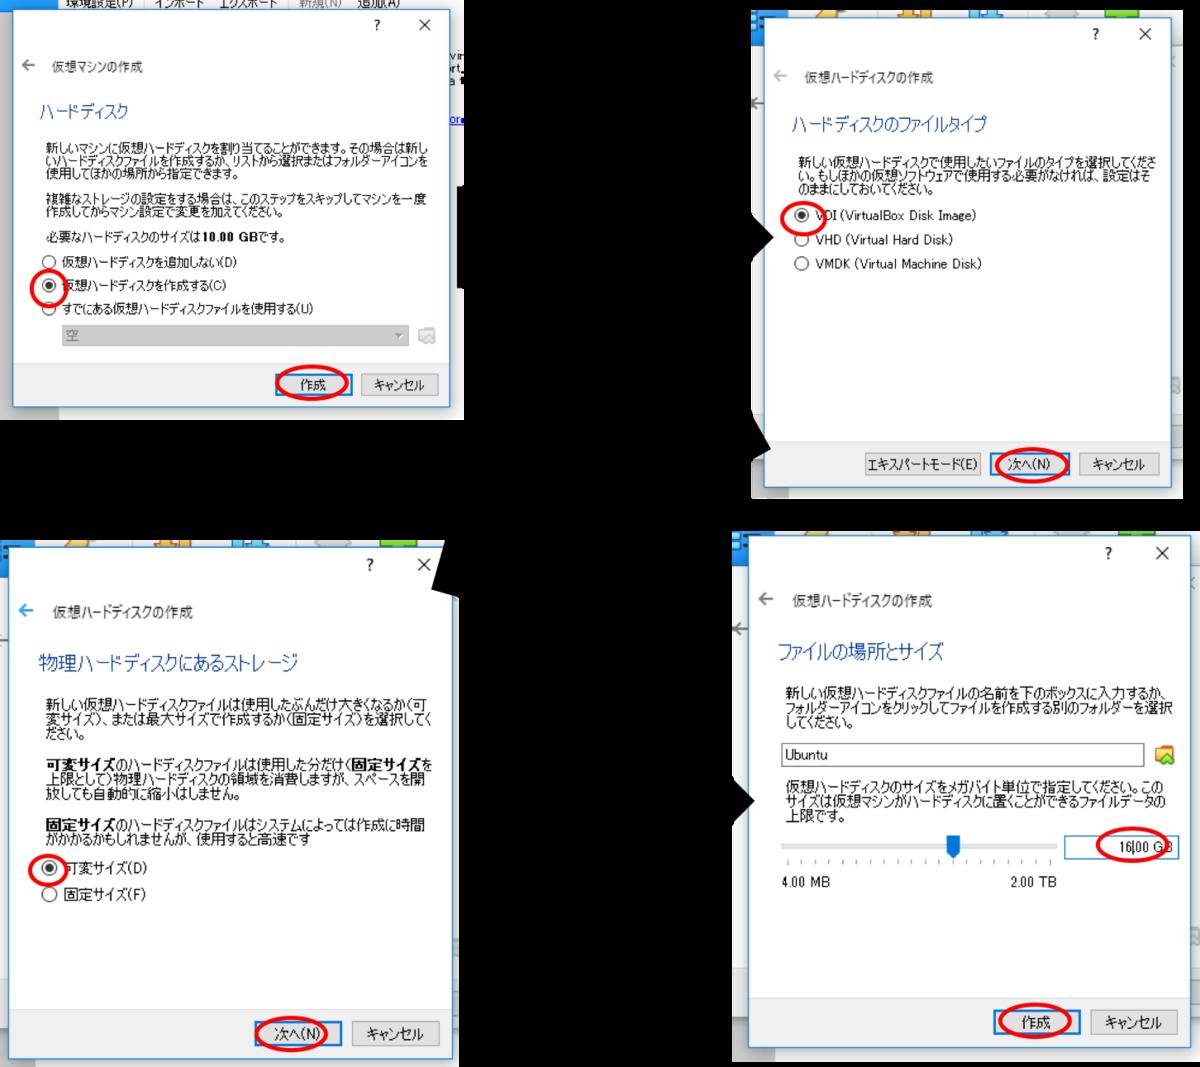 f:id:iTD_GRP:20190619224024p:plain